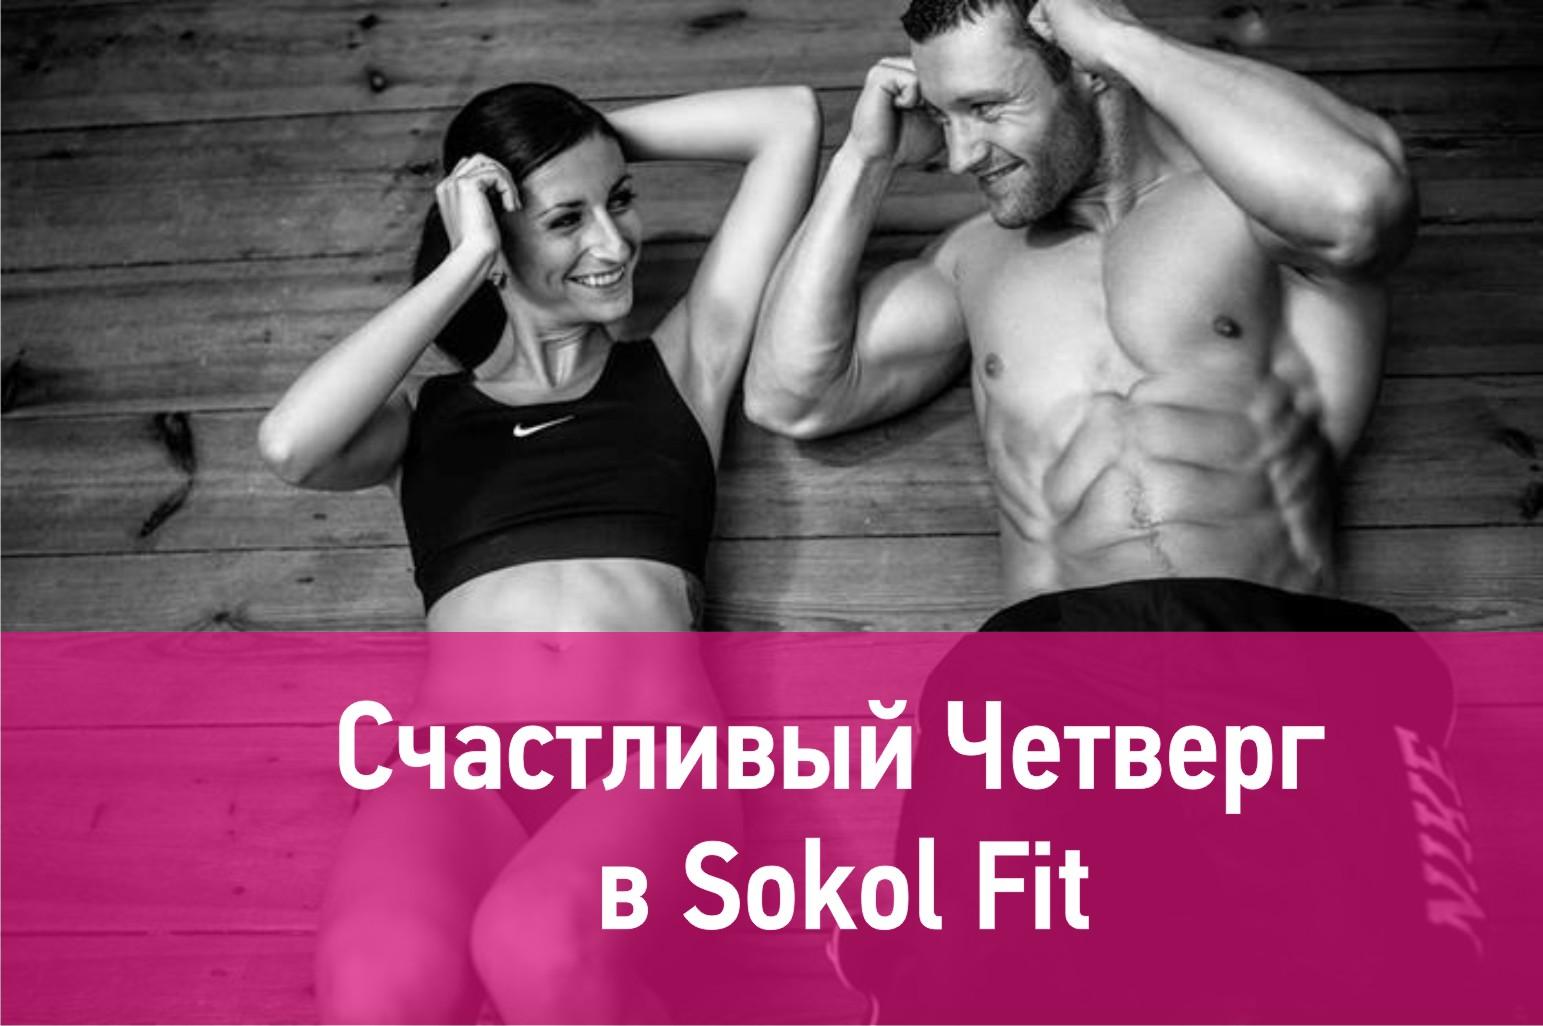 Выгодные четверги в Sokol Fit